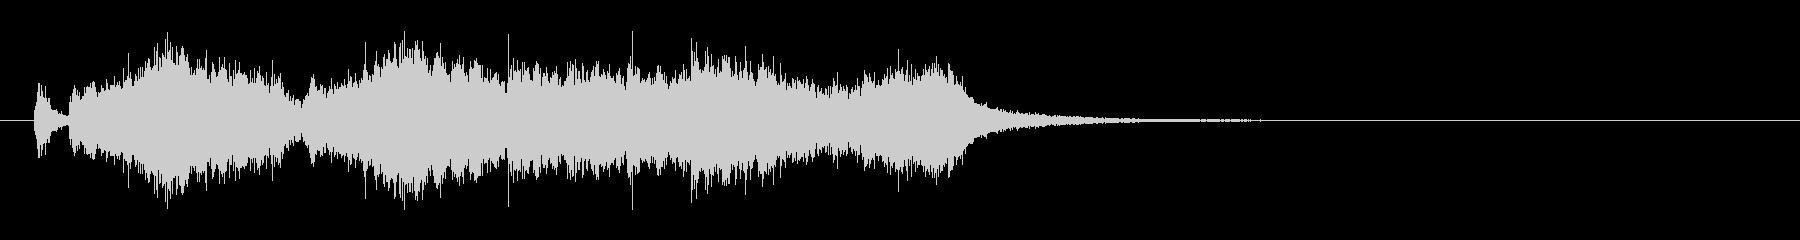 10秒の華やかなブラスファンファーレの未再生の波形